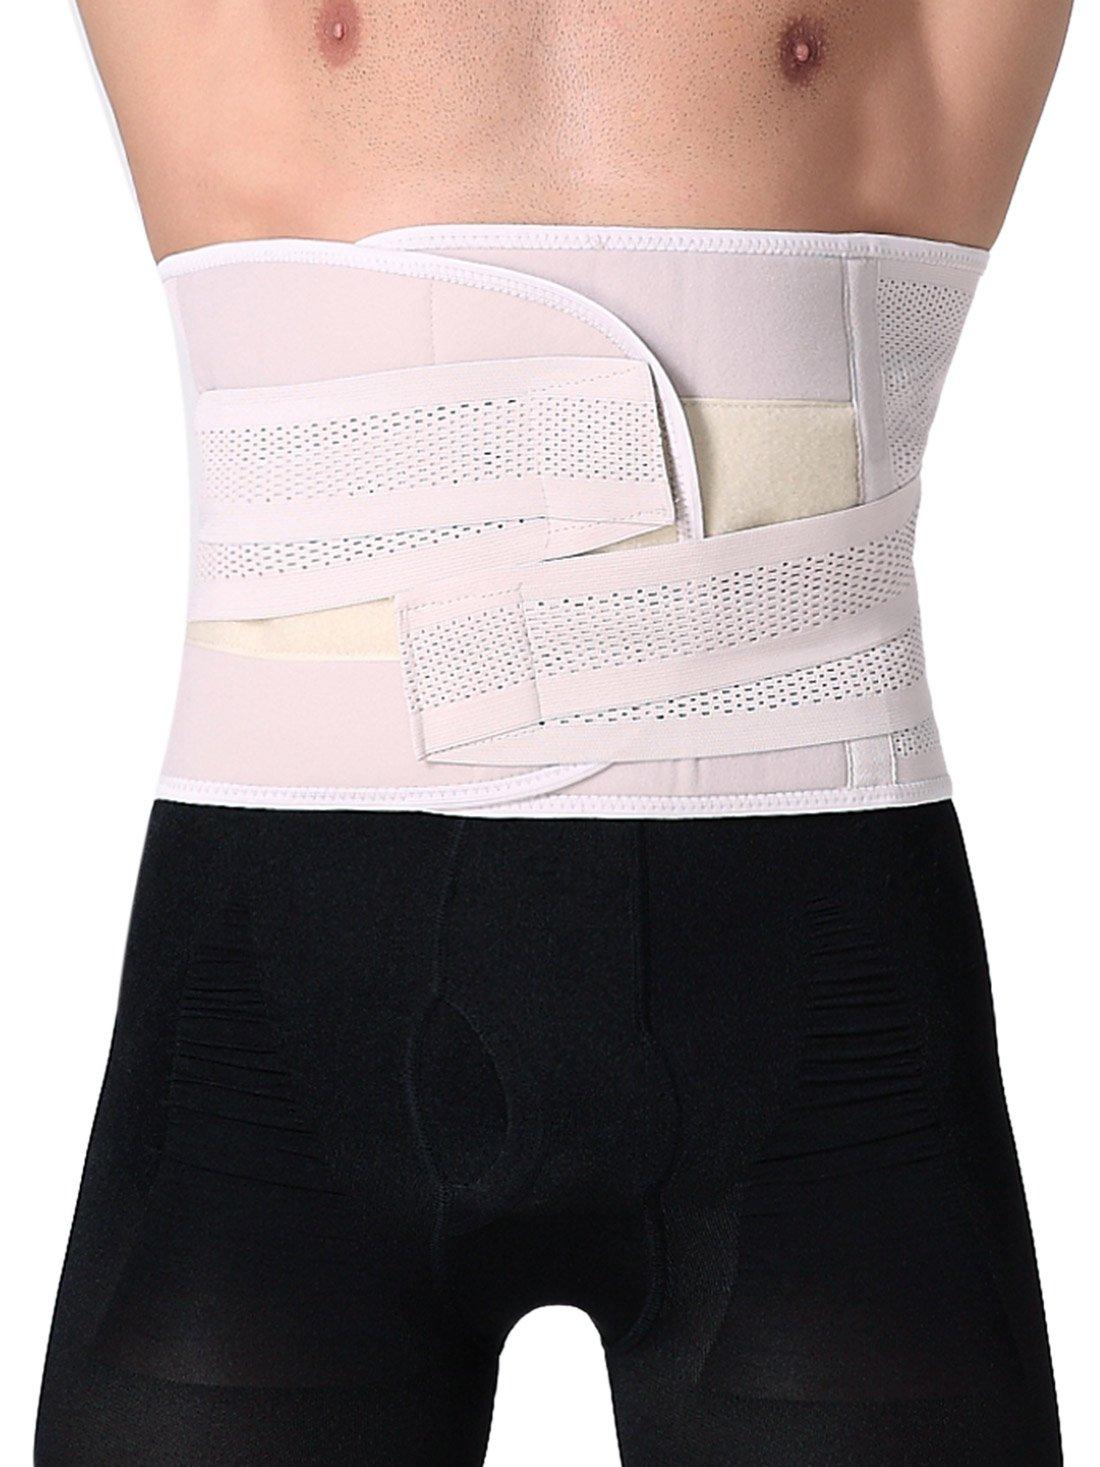 Feoya Elastic Beer Belly Control Compression Abdominal Binder Shapewear Size XL Skin